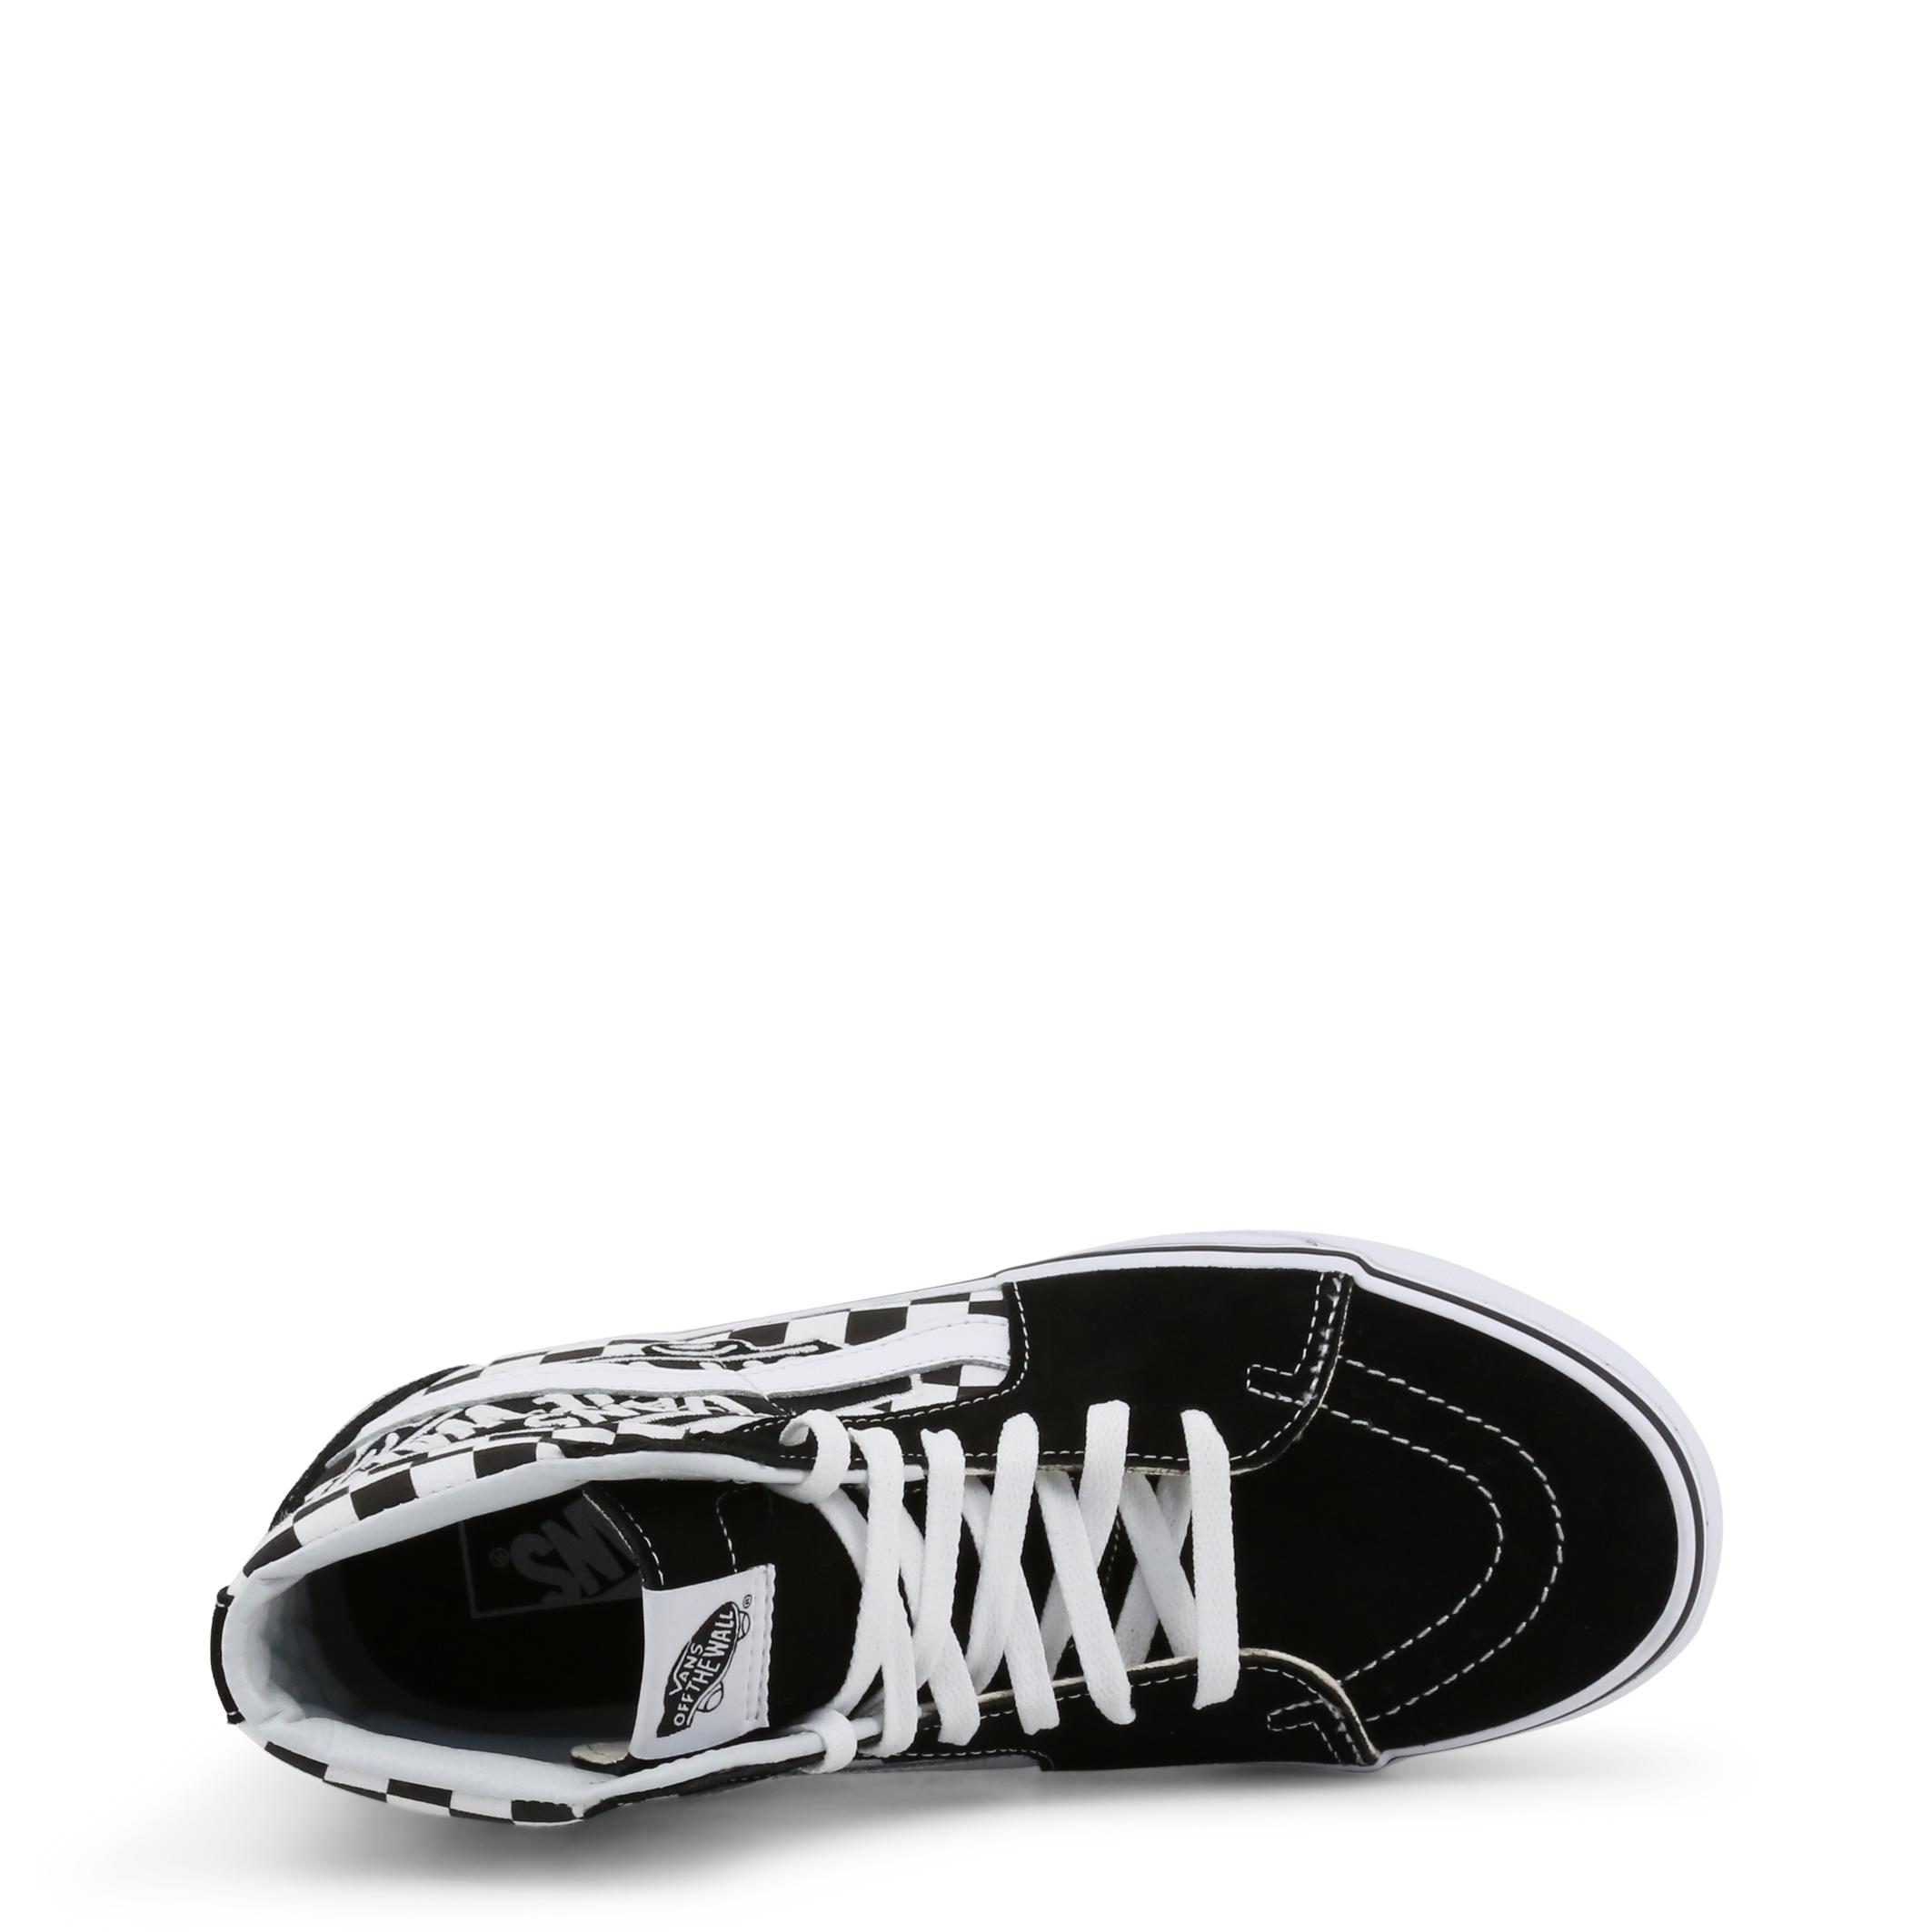 Baskets / Sport  Vans SK8-HI_VN0A38 black